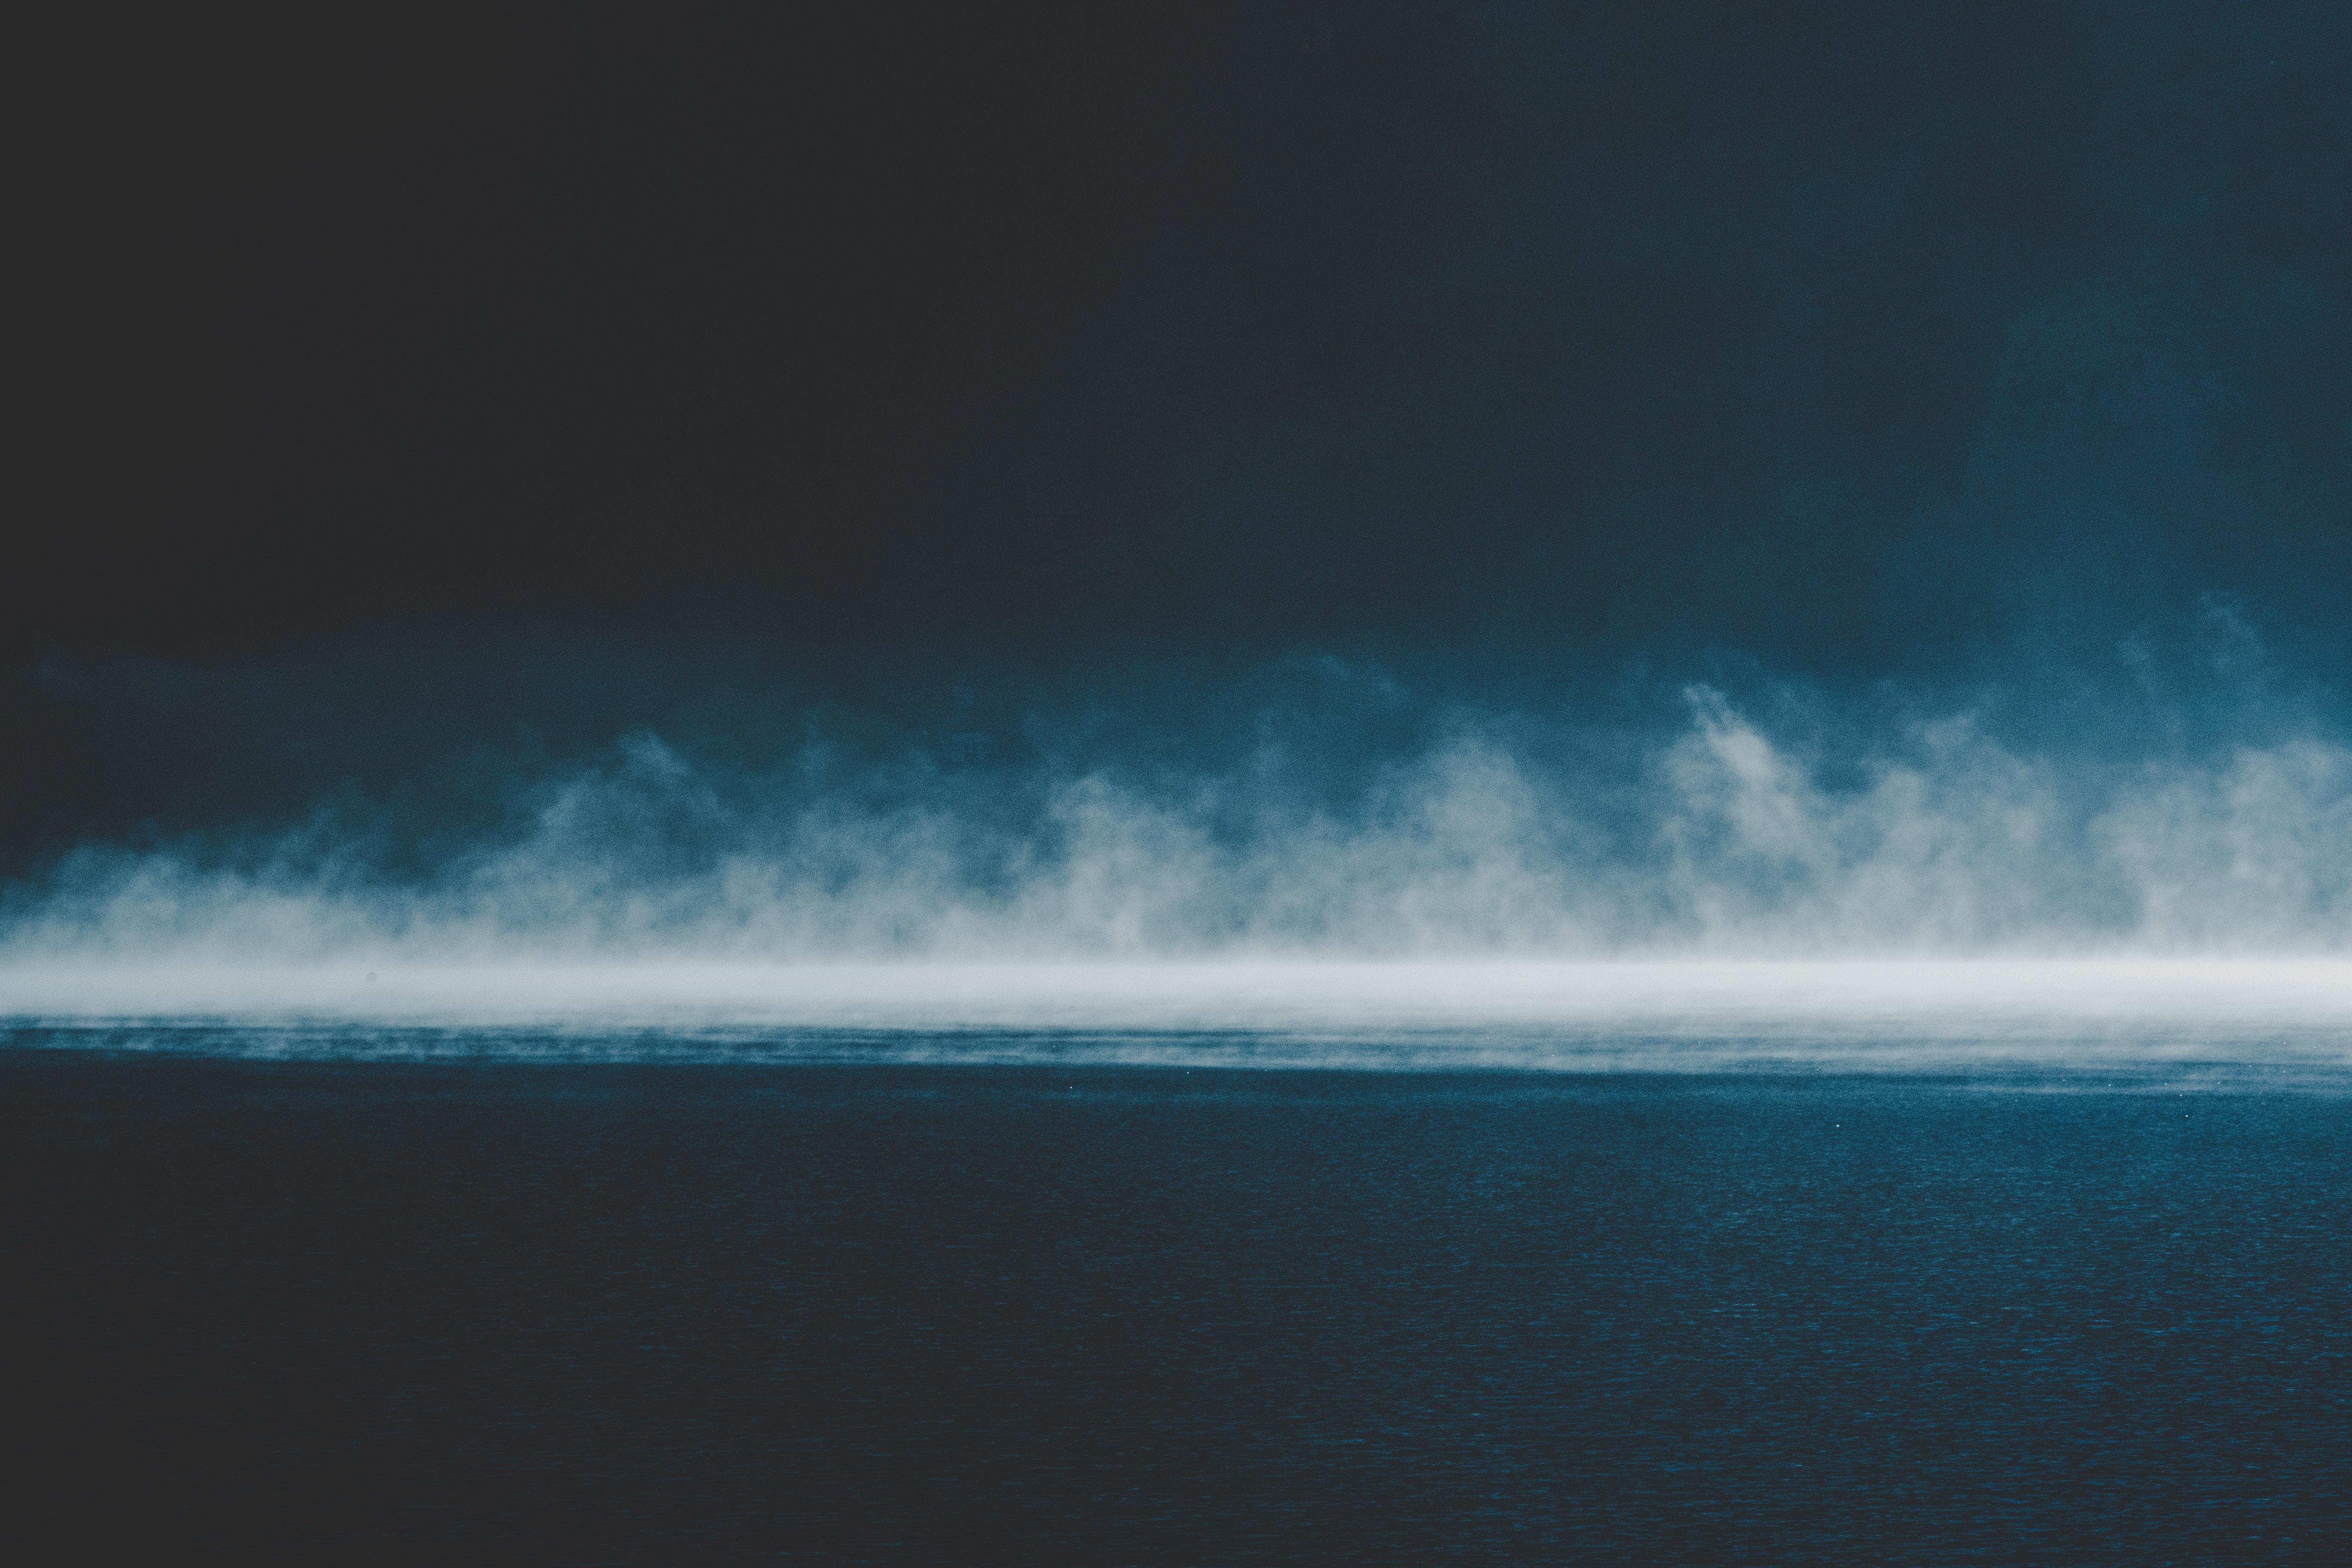 155836 fond d'écran 720x1280 sur votre téléphone gratuitement, téléchargez des images Nature, Sky, Mer, Nuages, Horizon, Brouillard, Plutôt Nuageux, Couvert 720x1280 sur votre mobile